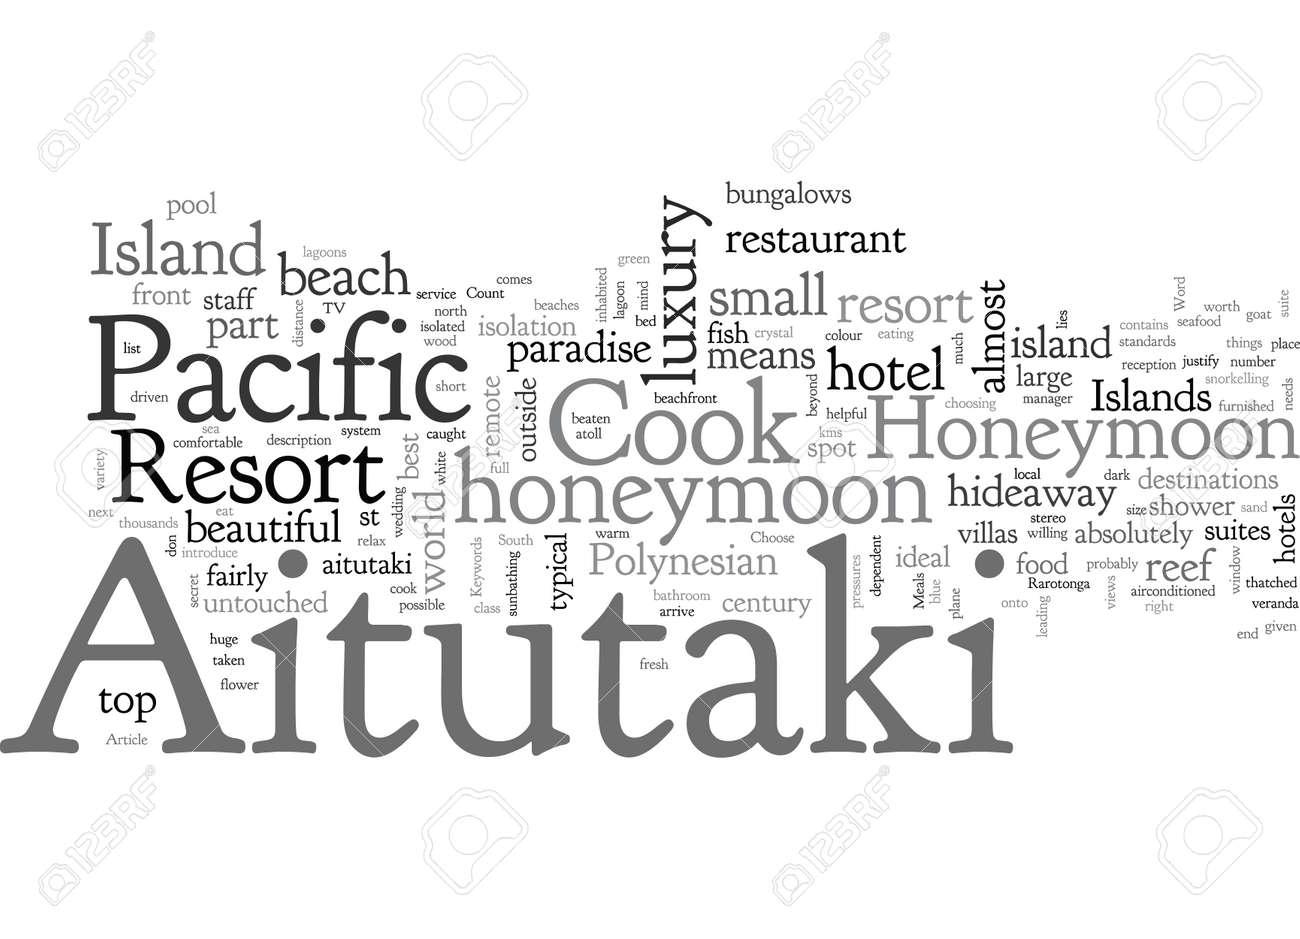 An Aitutaki Honeymoon At The Pacific Resort Aitutaki - 132214102